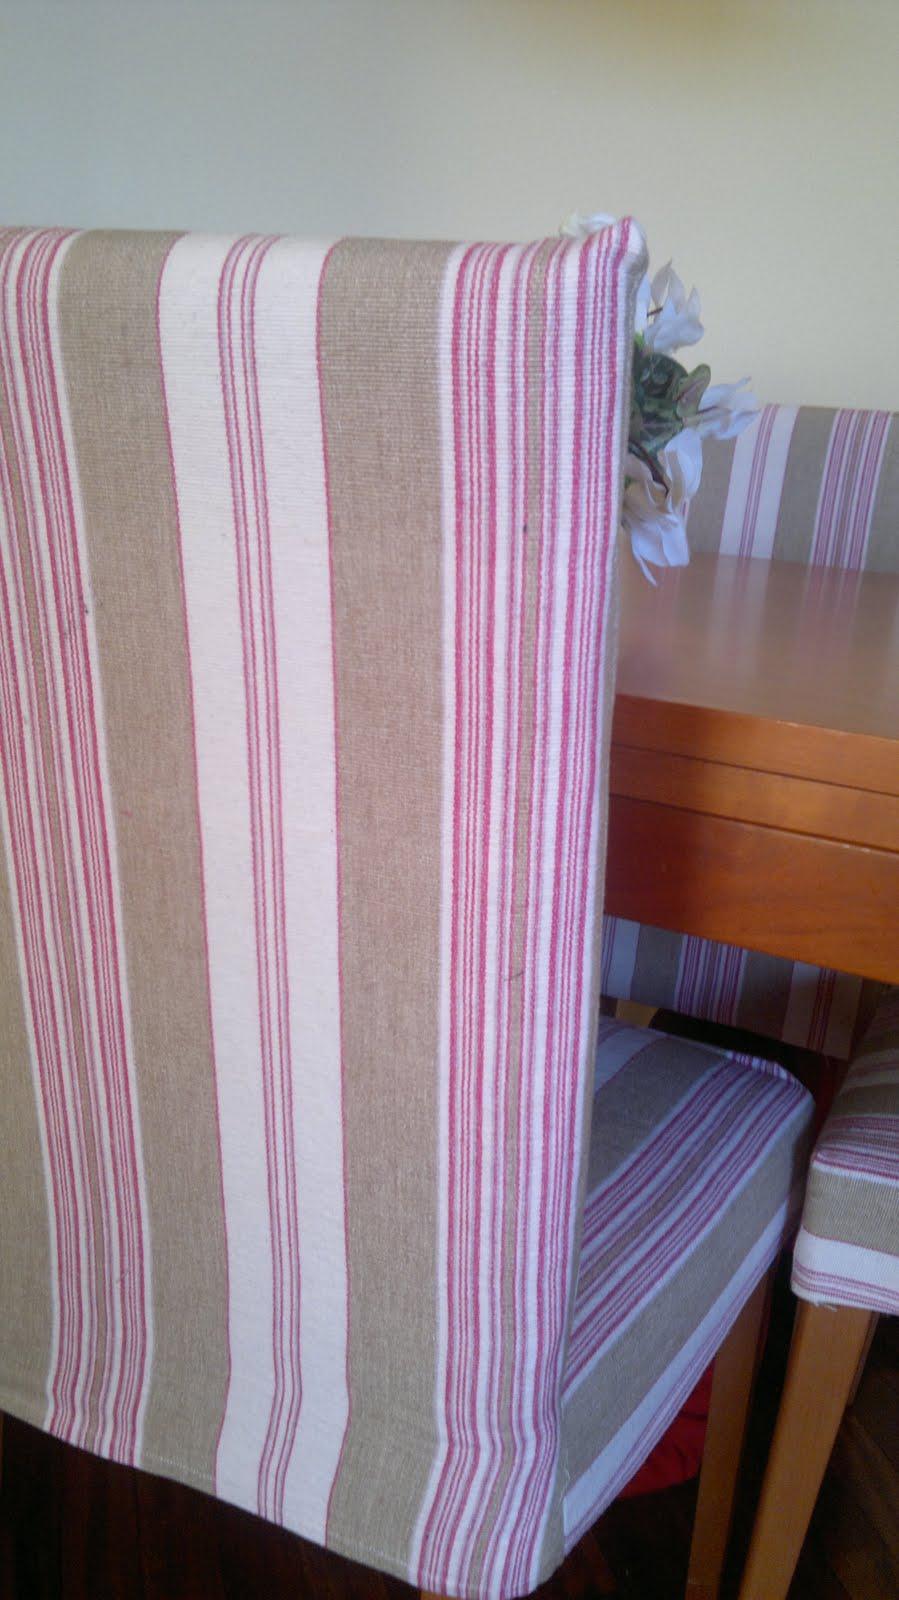 Fundas para las sillas de comedor costura juntitoscrafts punto y manualidades - Fundas asiento sillas comedor ...